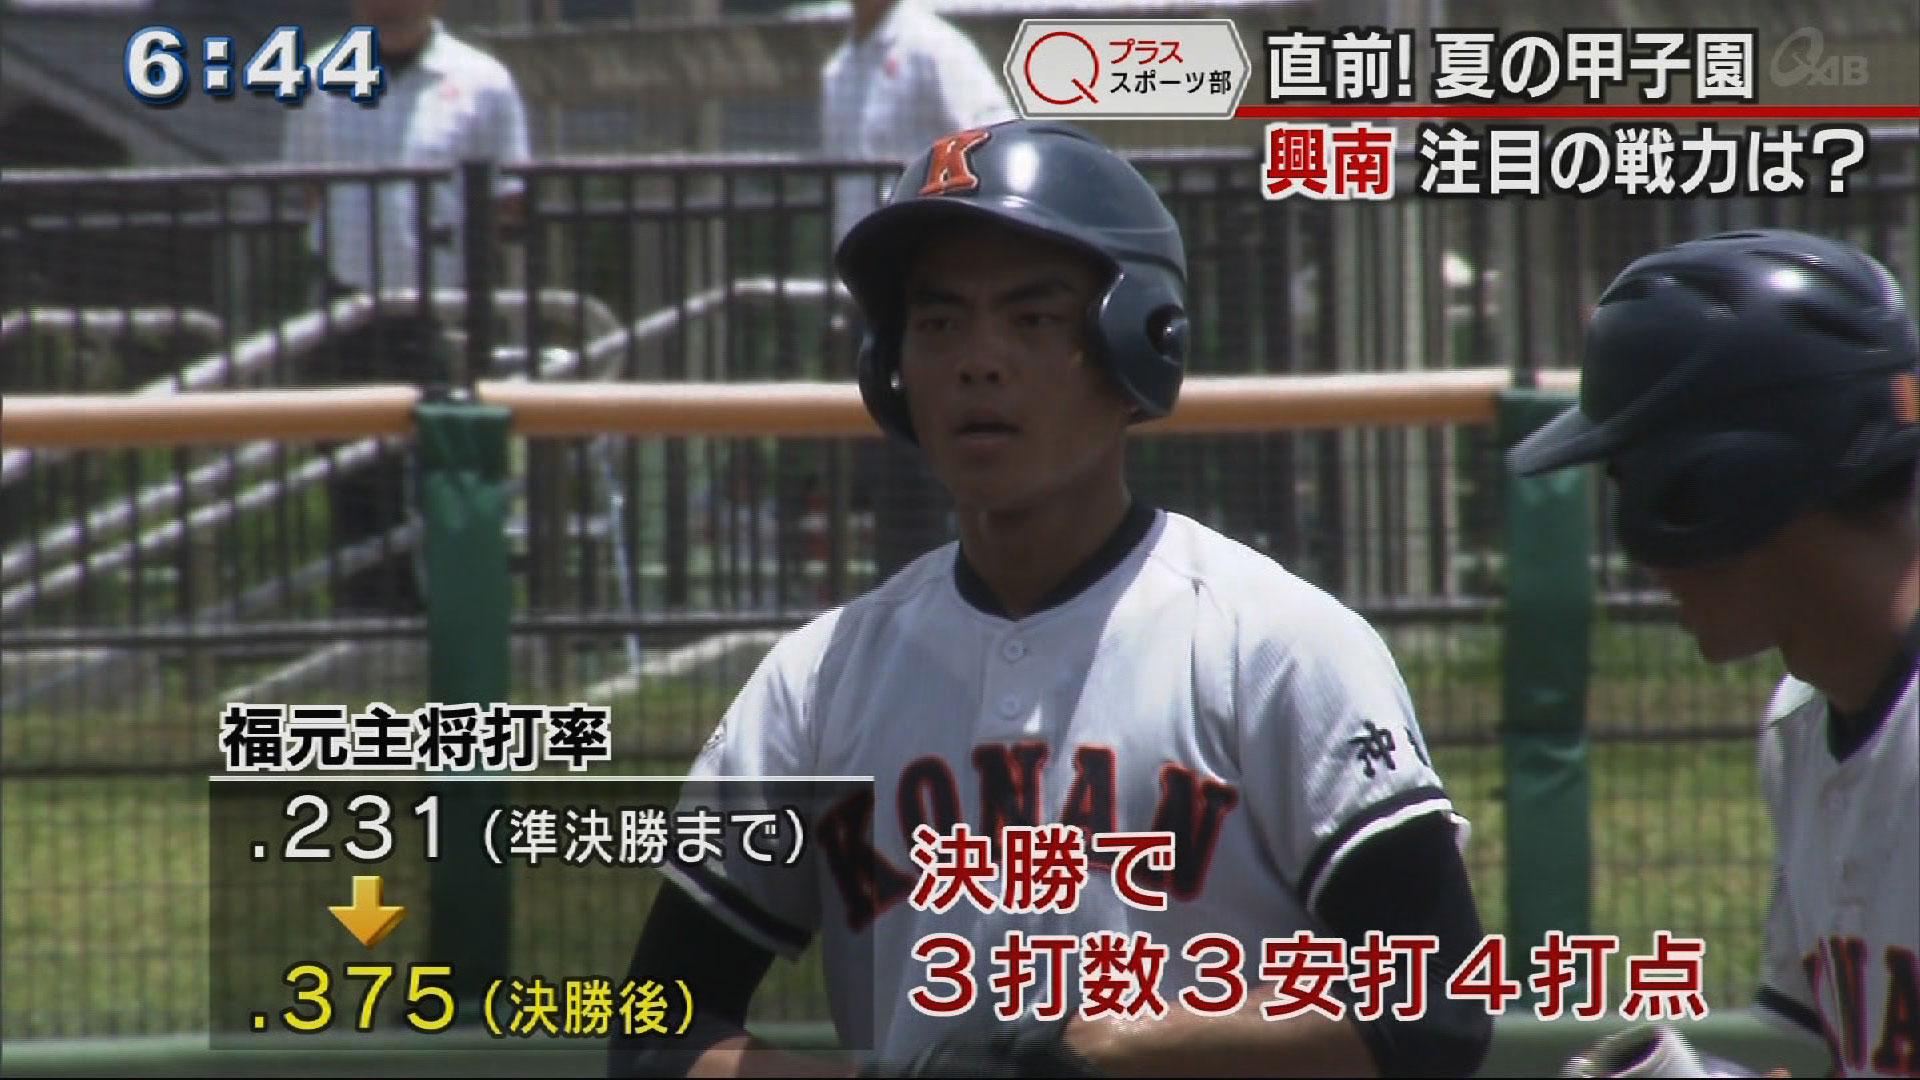 興南野球部、その戦力とは